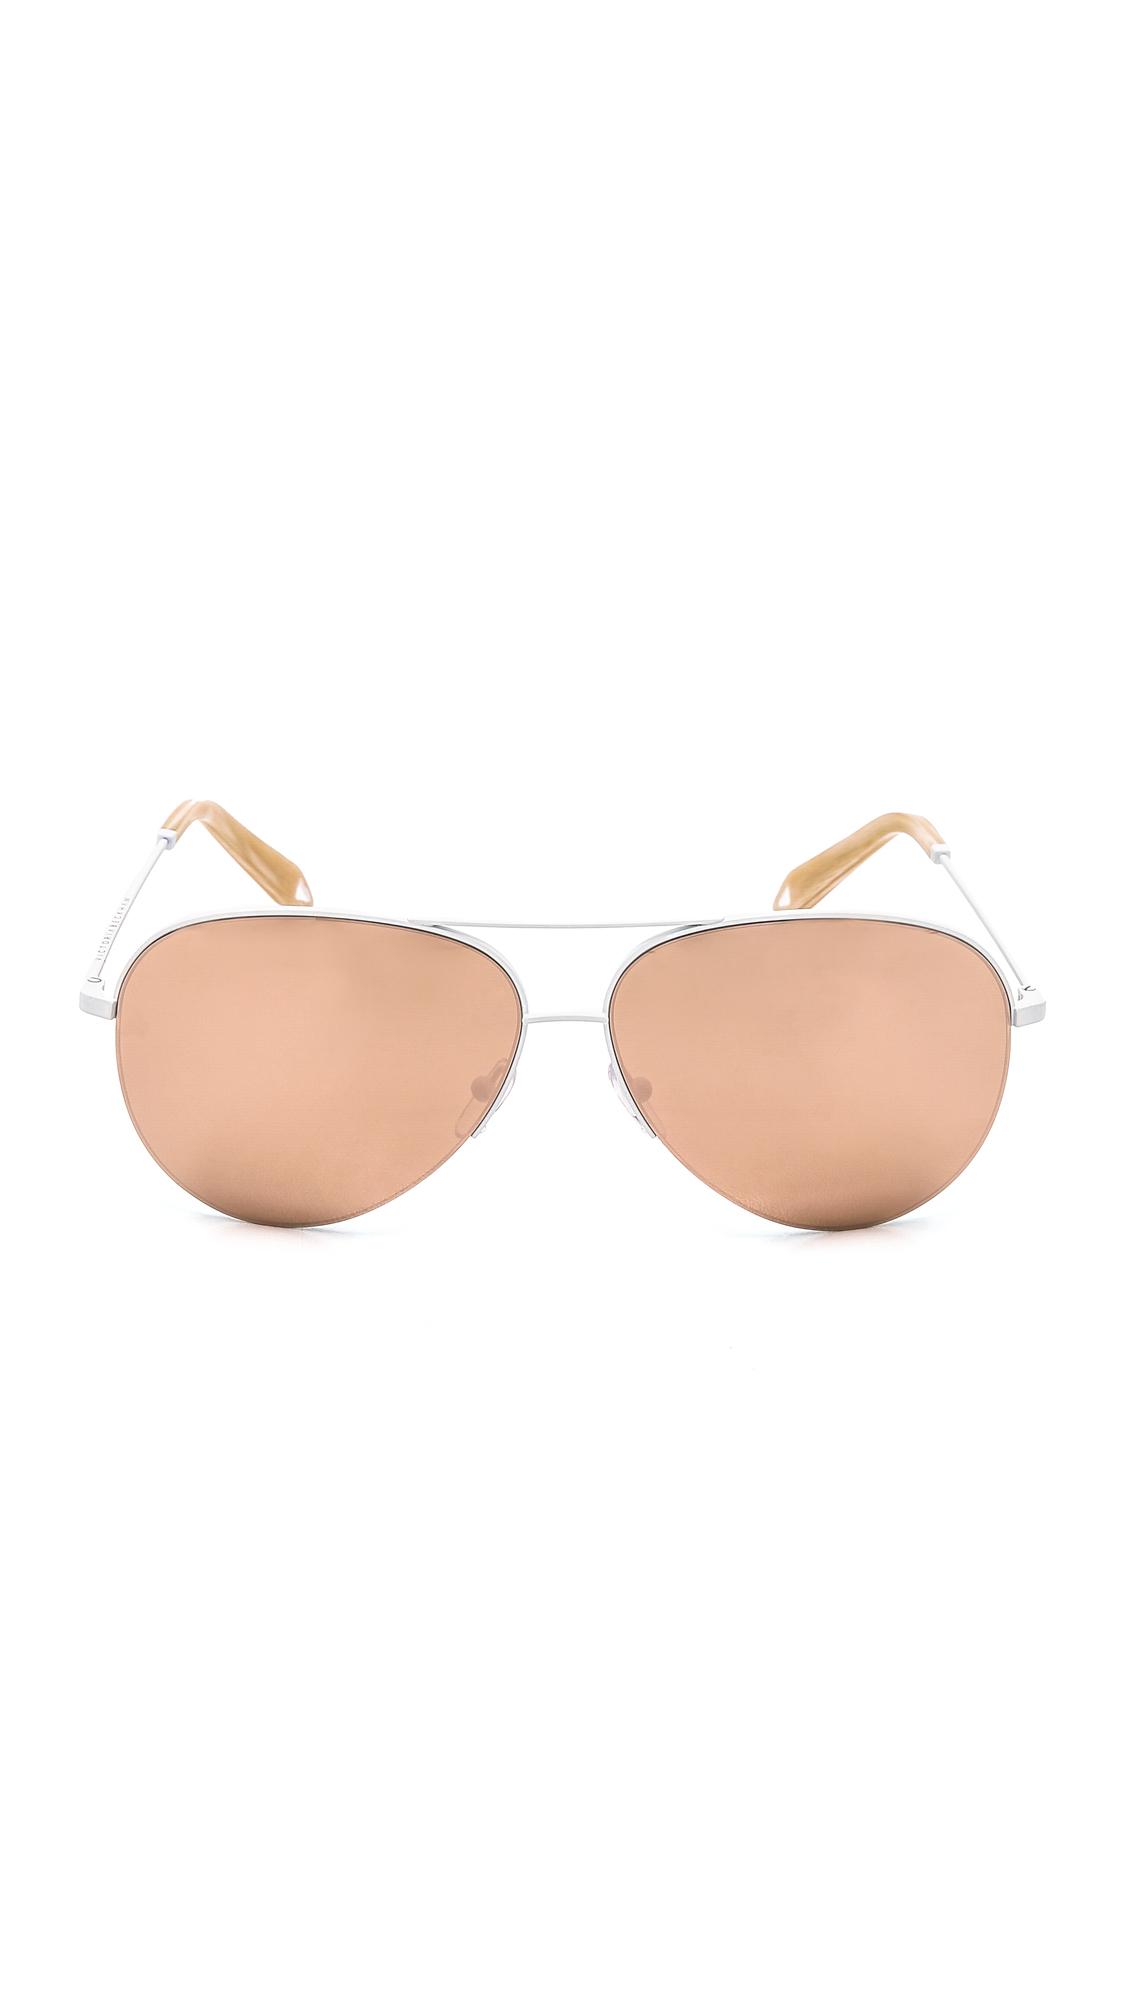 a2193c13b24 Lyst - Victoria Beckham Classic Aviator Sunglasses in Pink